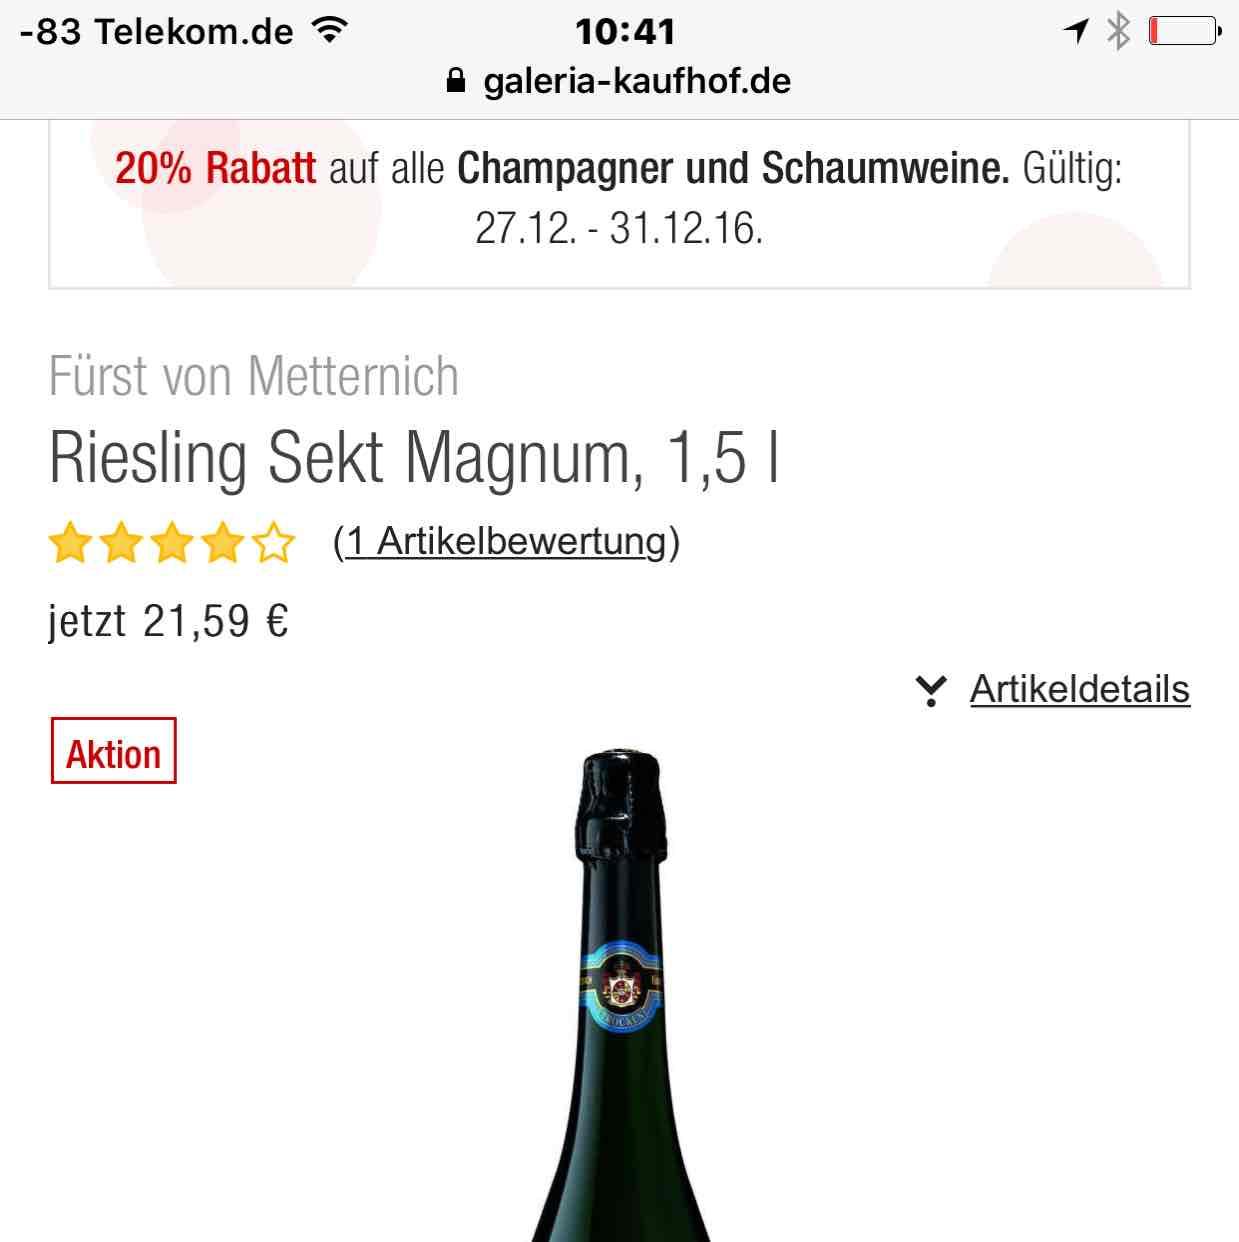 Galeria Kaufhof: 20% auf Champagner und Schaumweine